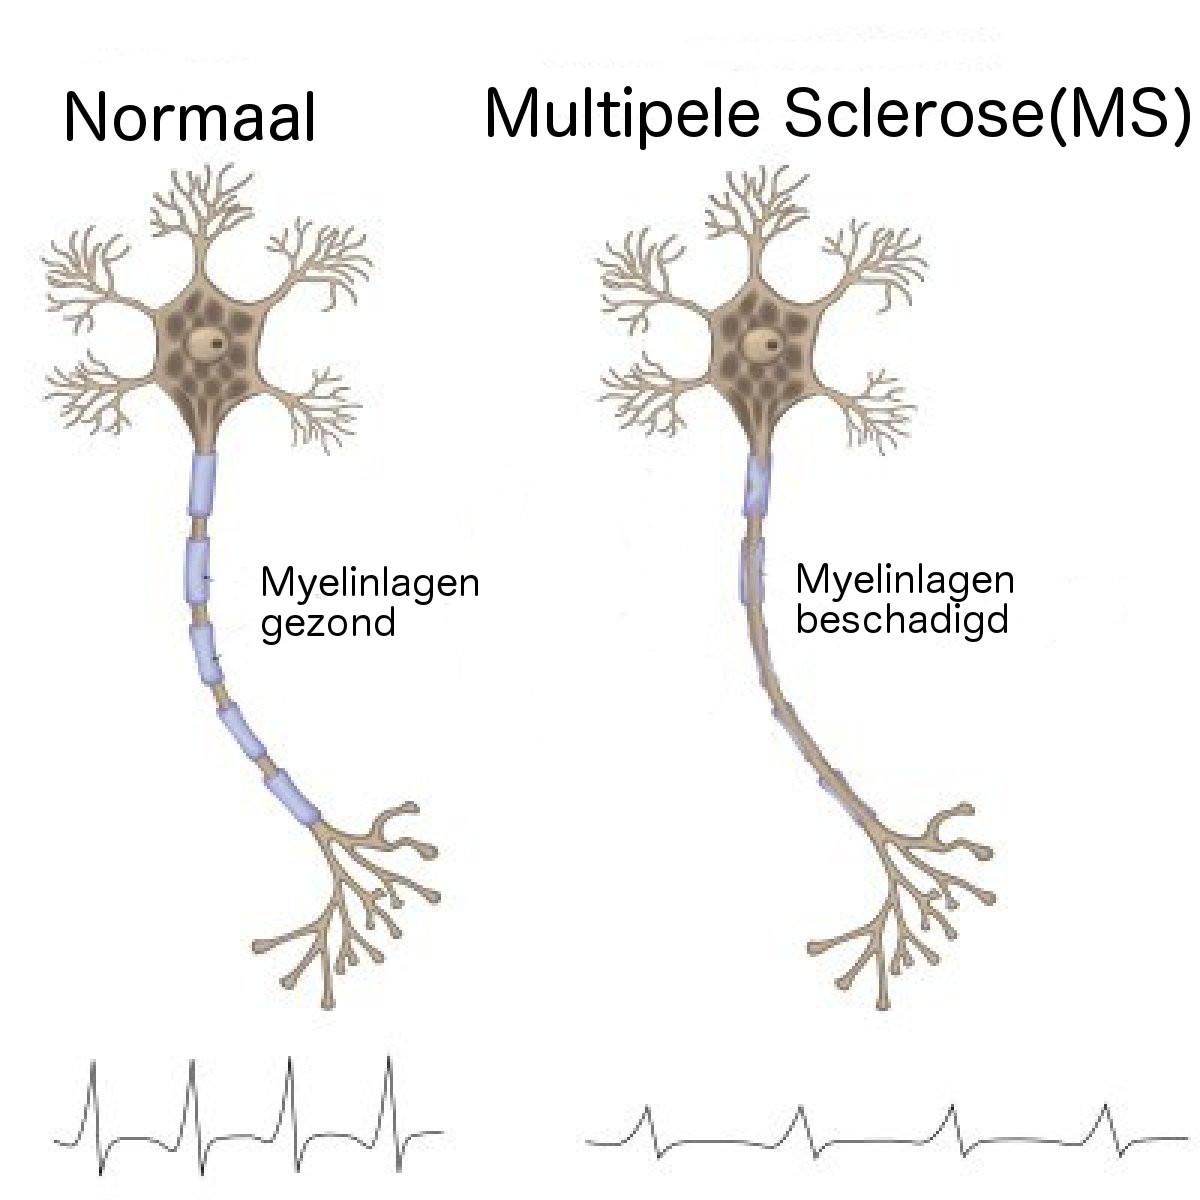 Multipele Sclerose